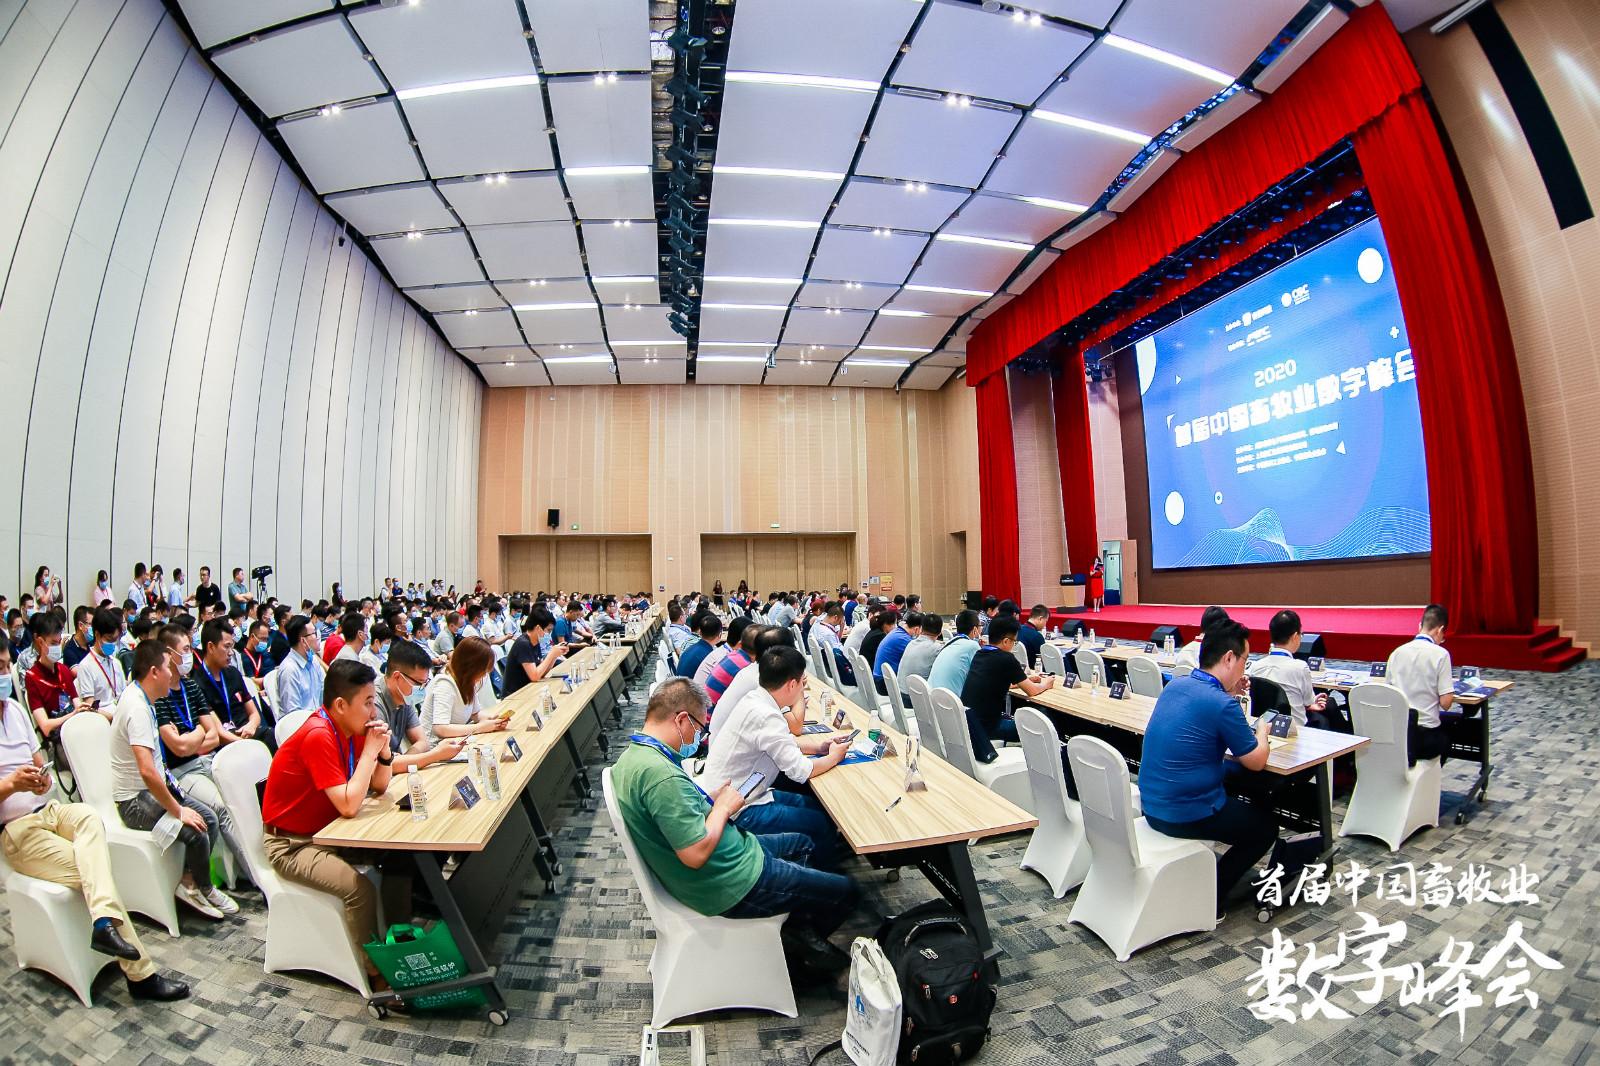 首届中国畜牧业数字峰会圆满召开,数字化先行者共推行业再上新台阶